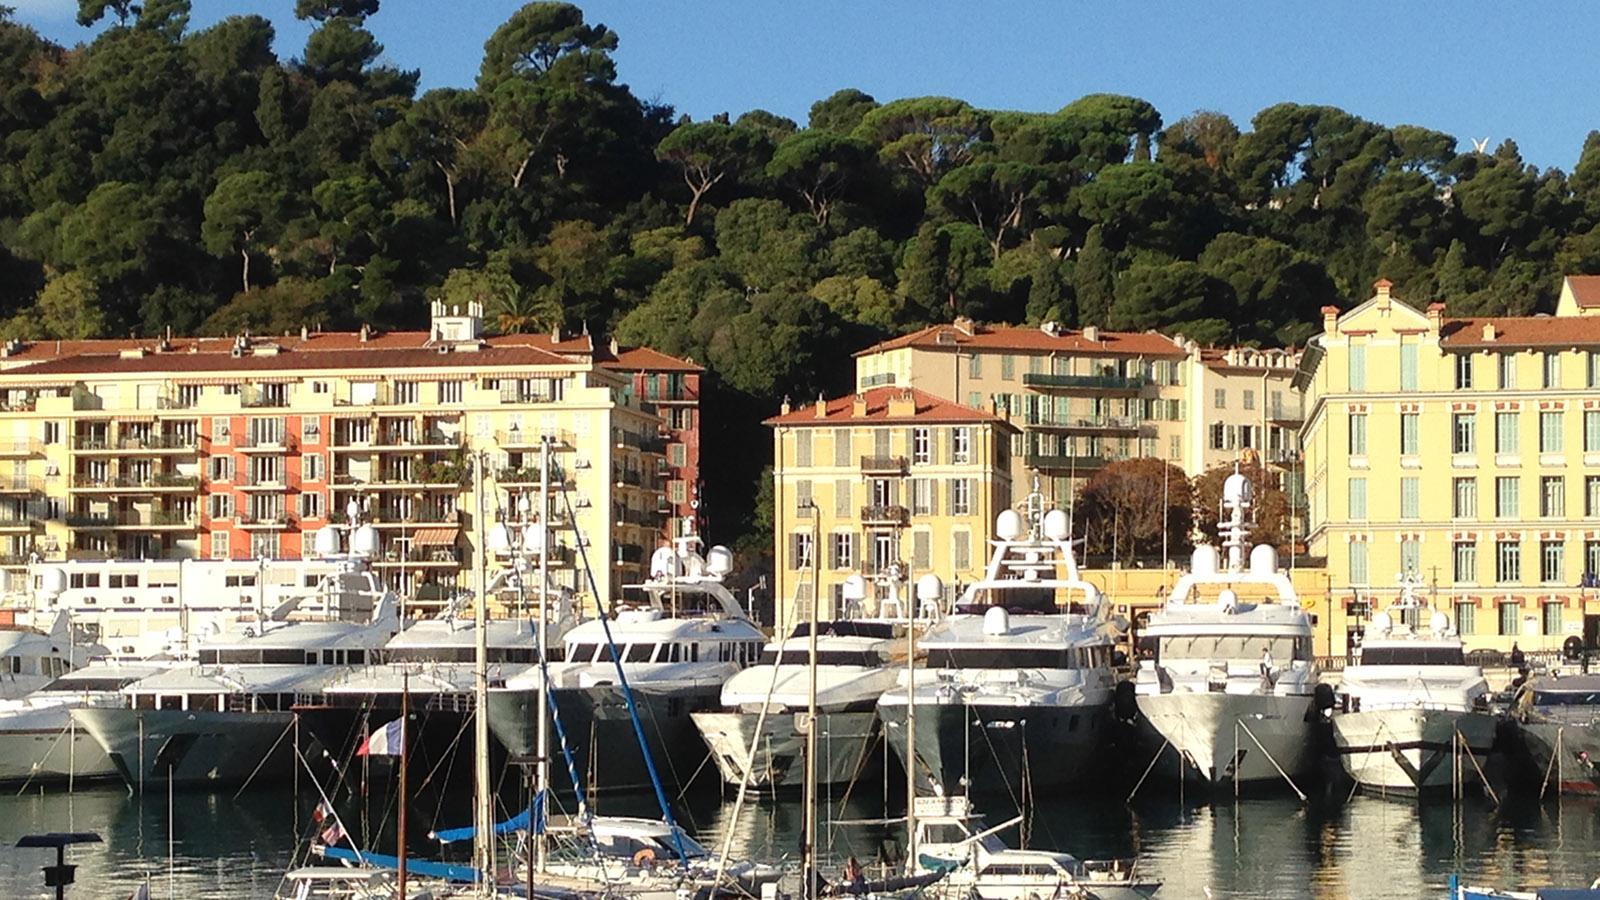 Nur an wenigen Stellen säumen keine Hochhaustürme die Hafenbecken von Monaco. Foto: Hilke Maunder